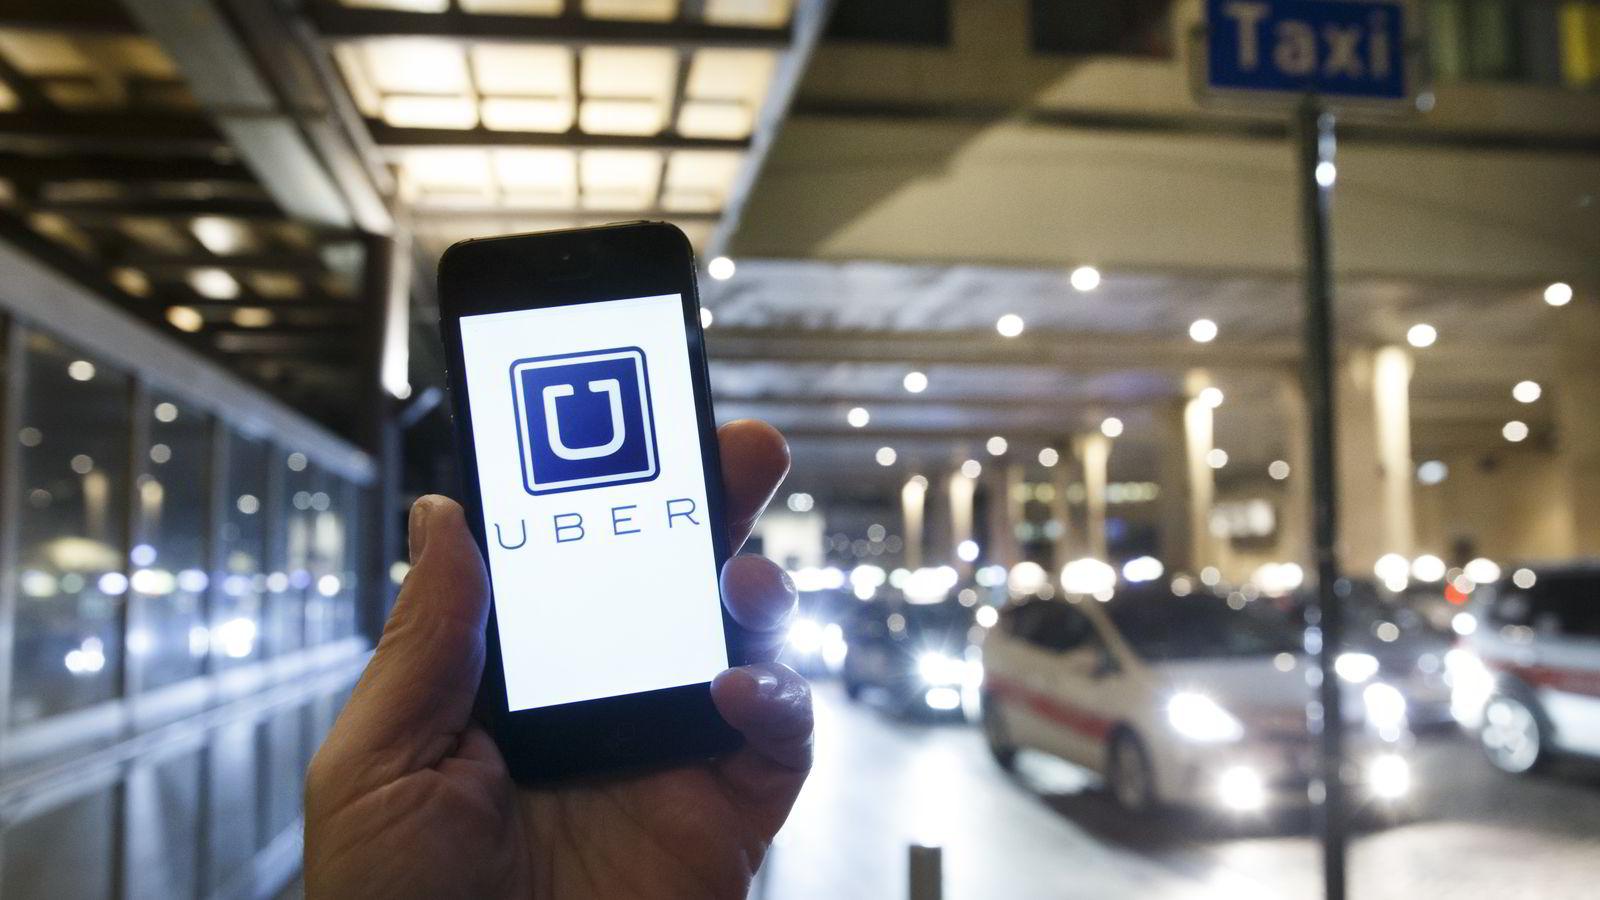 Det er ikke straffbart å være Uber-sjåfør, slår Oslo tingrett fast. Foto: Heiko Junge /